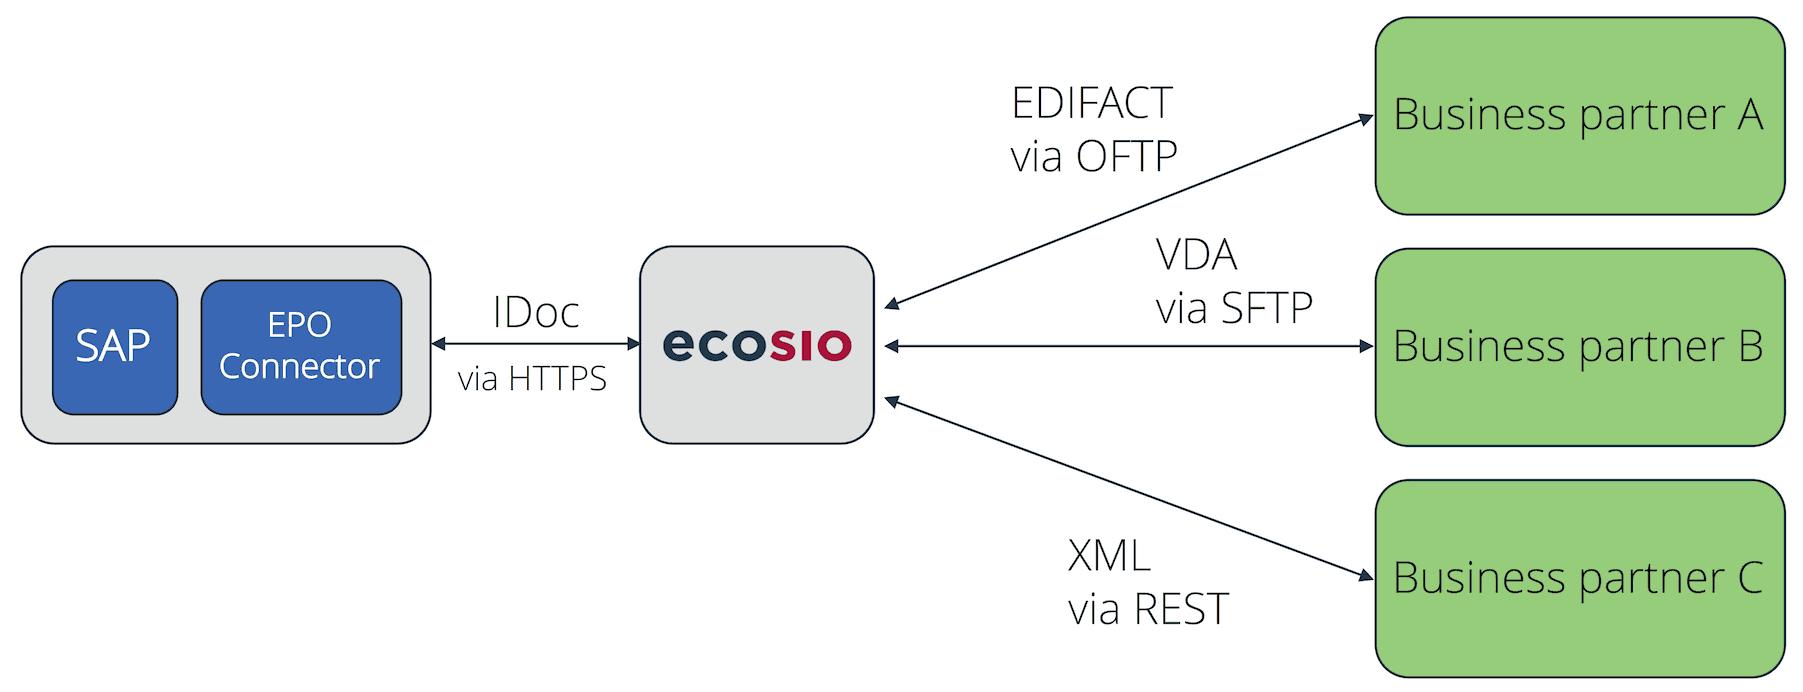 EDI-Anbindung mit Hilfe des EPO Connectors